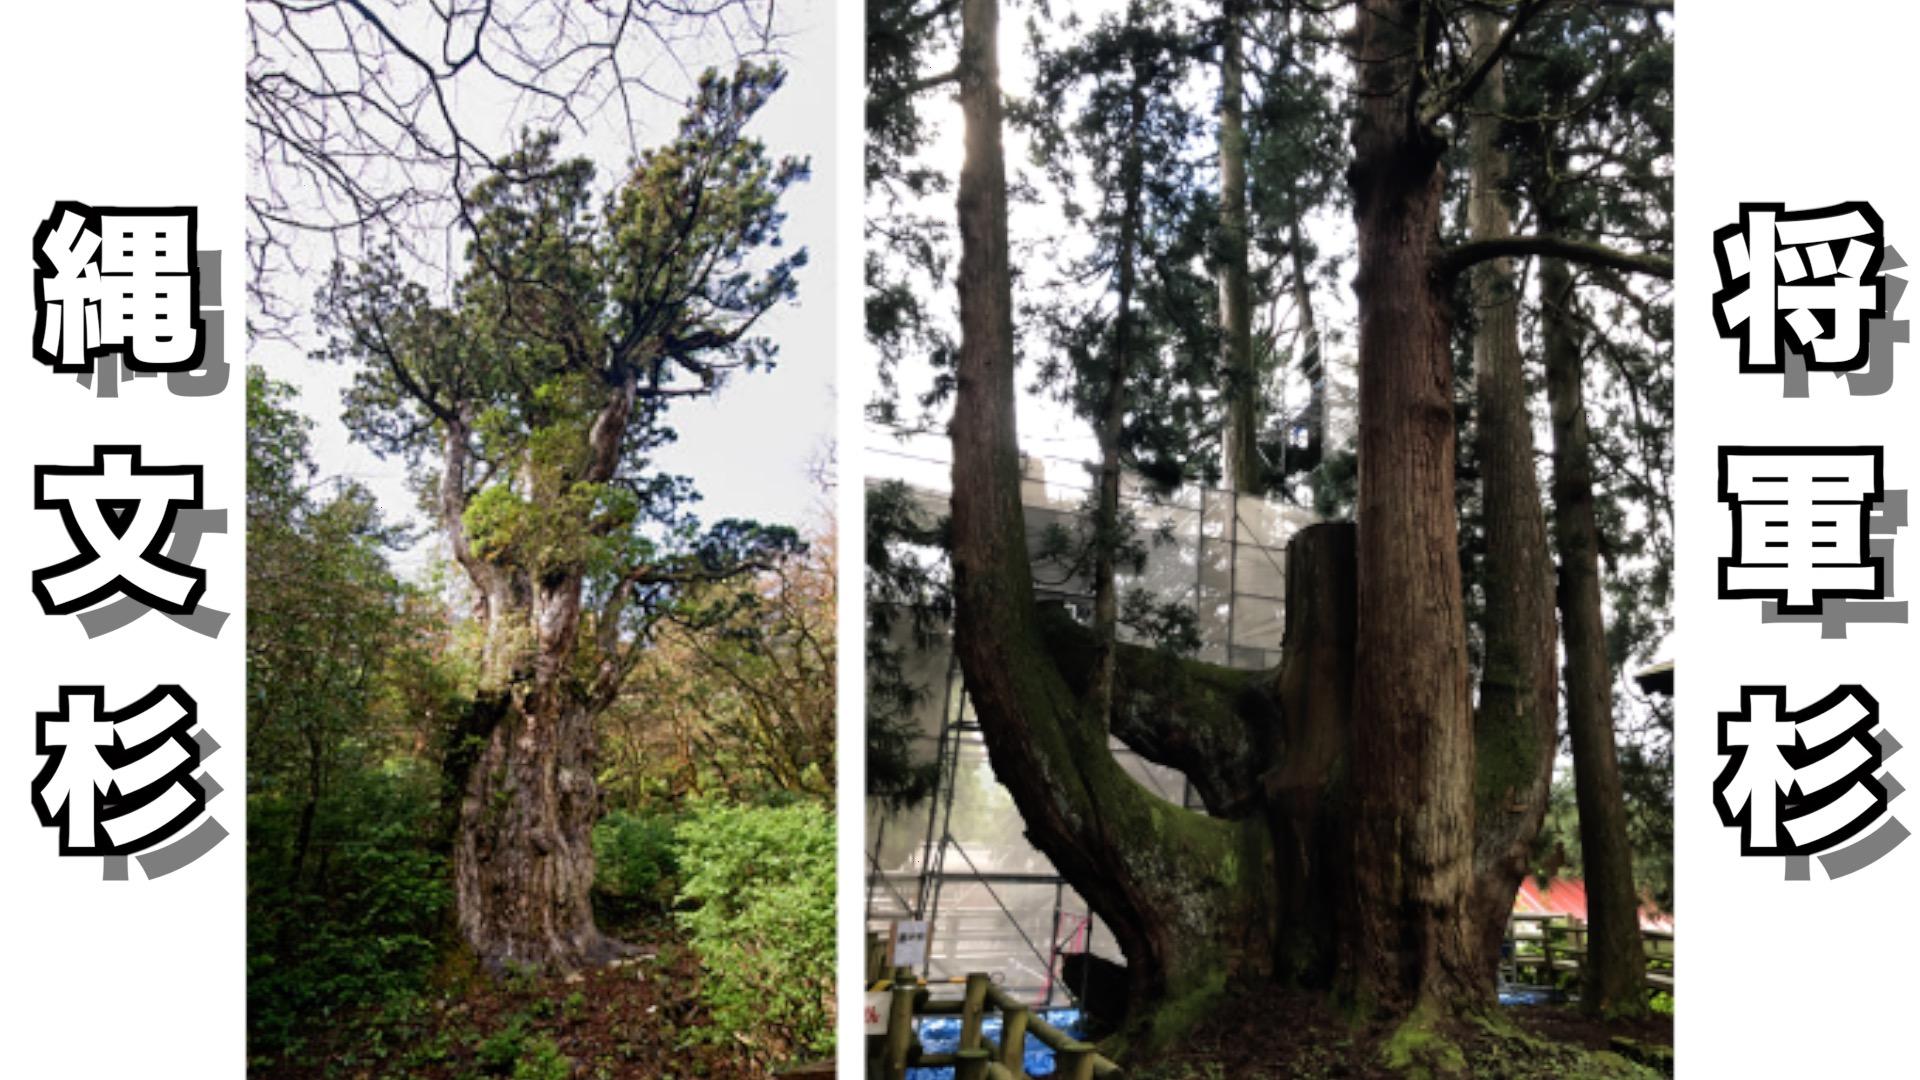 日本一の杉は縄文杉ではなくて将軍杉だった理由